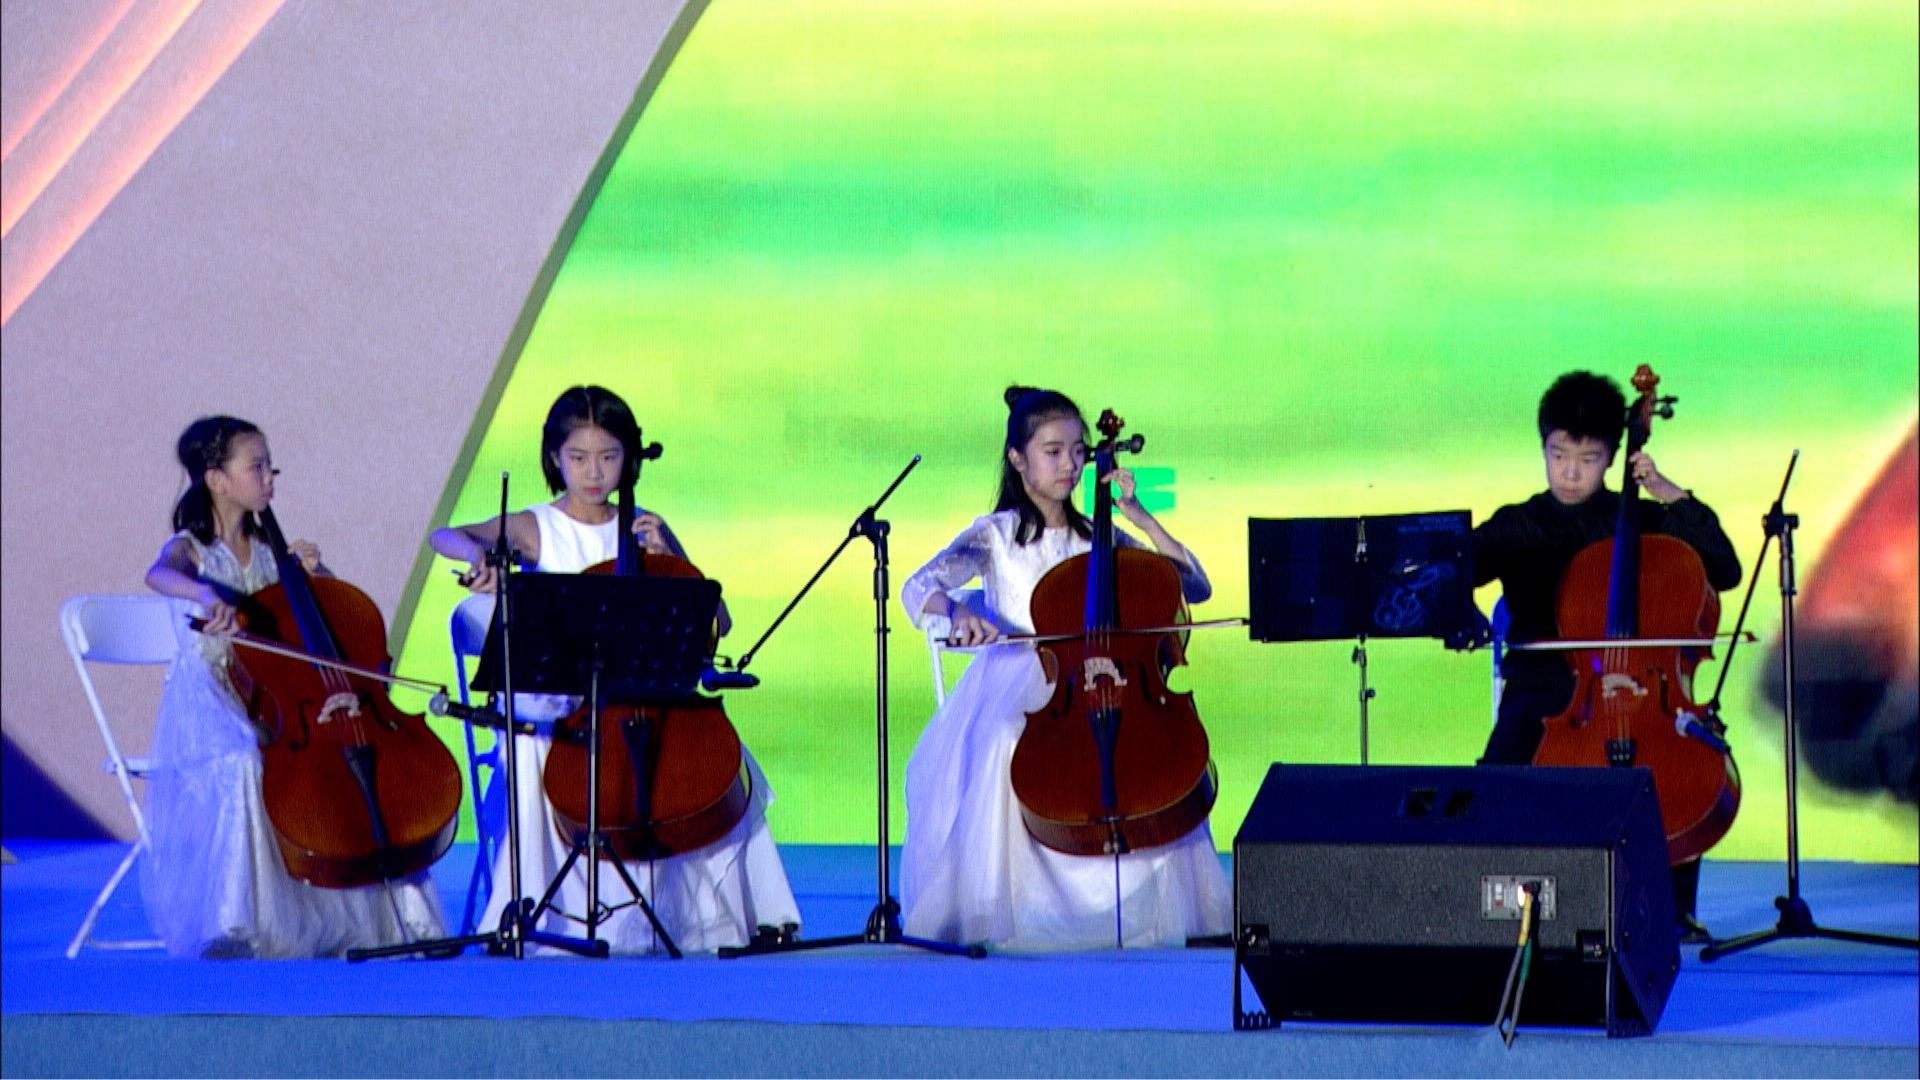 大提琴重奏 蒙古民歌《春天的娜仁托雅》丨国风艺术之夜